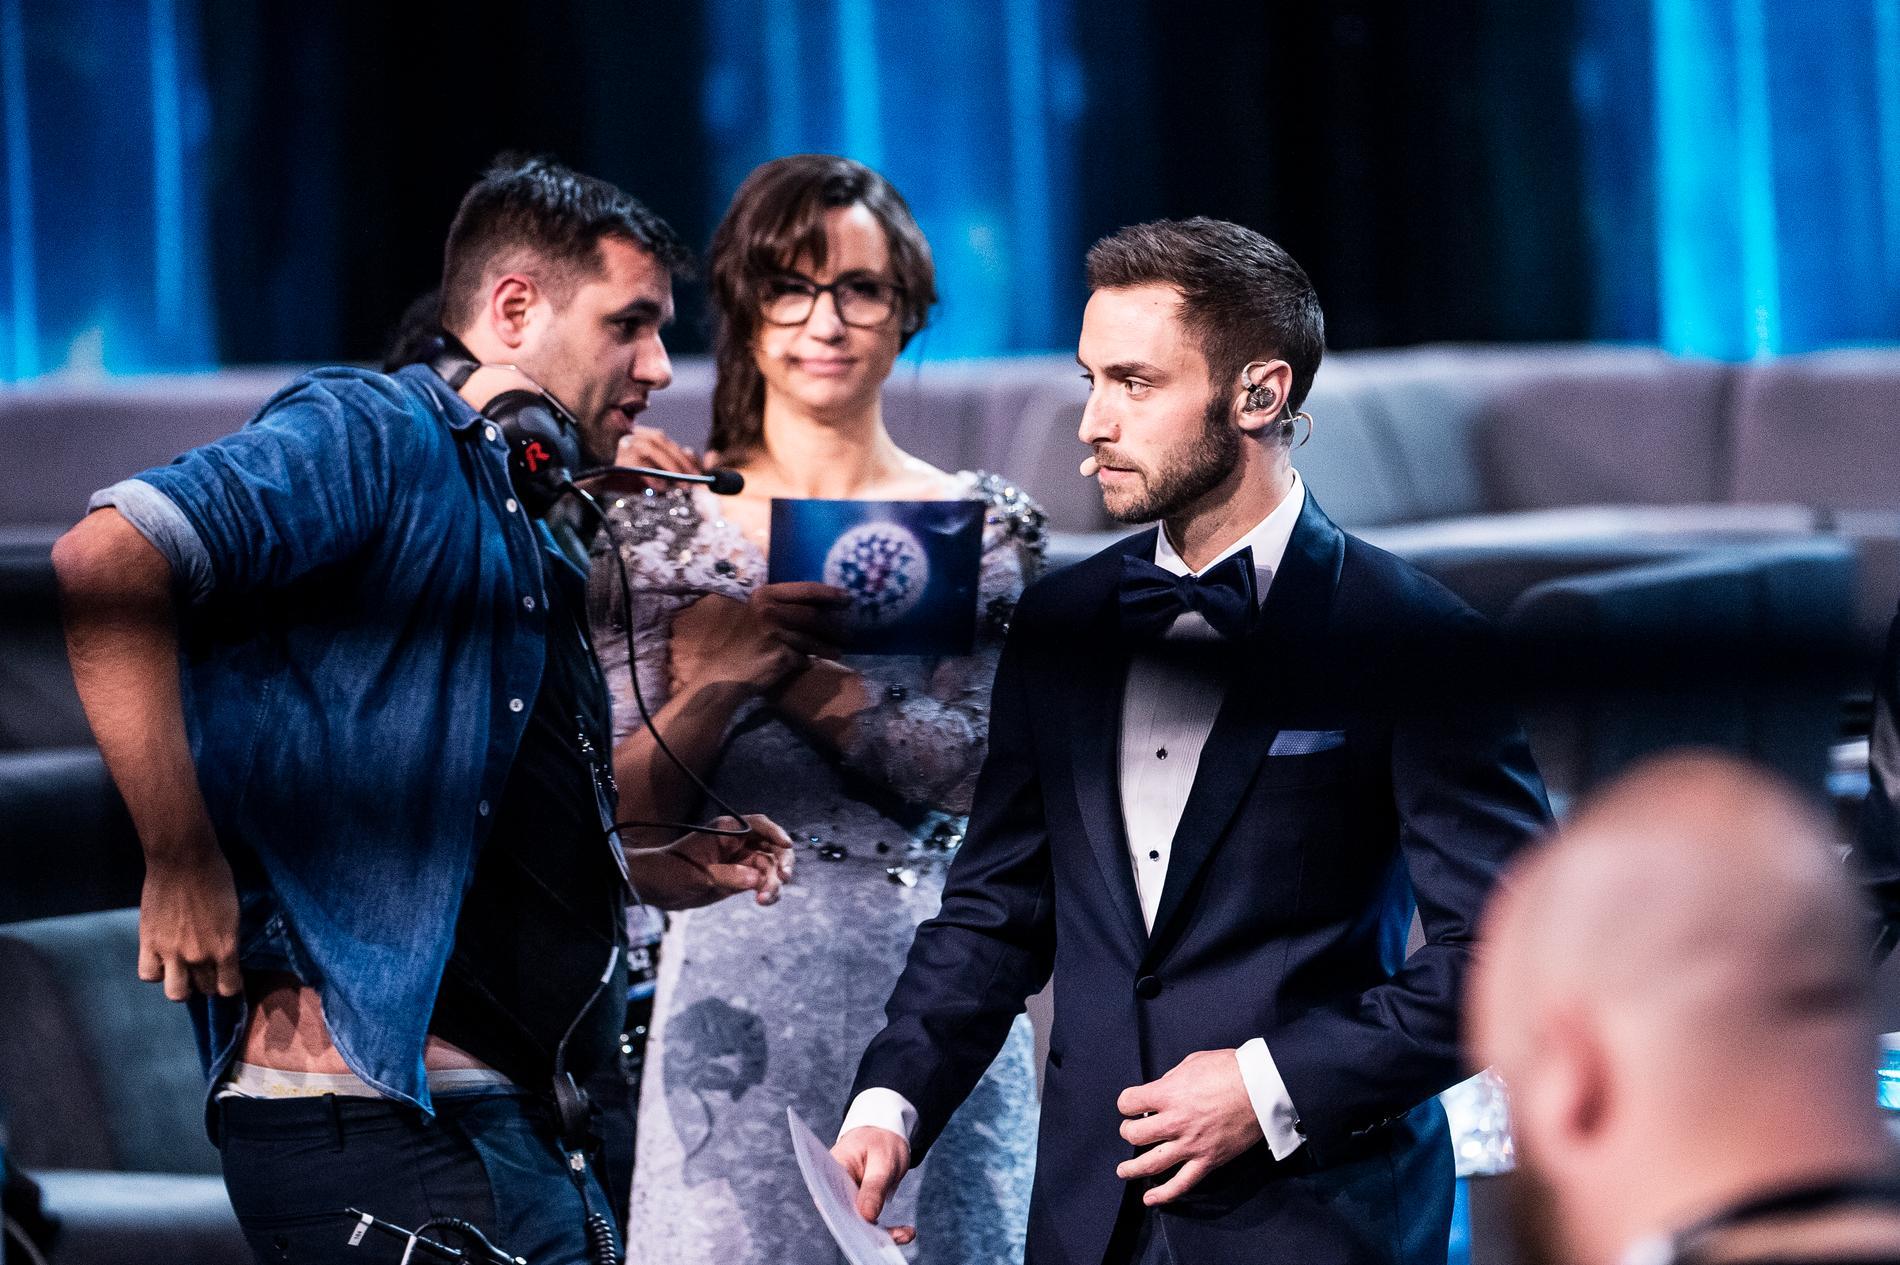 Edward tillsammans med Petra Mede och Måns Zelmerlöw under arbetet med Eurovision song contest 2016.